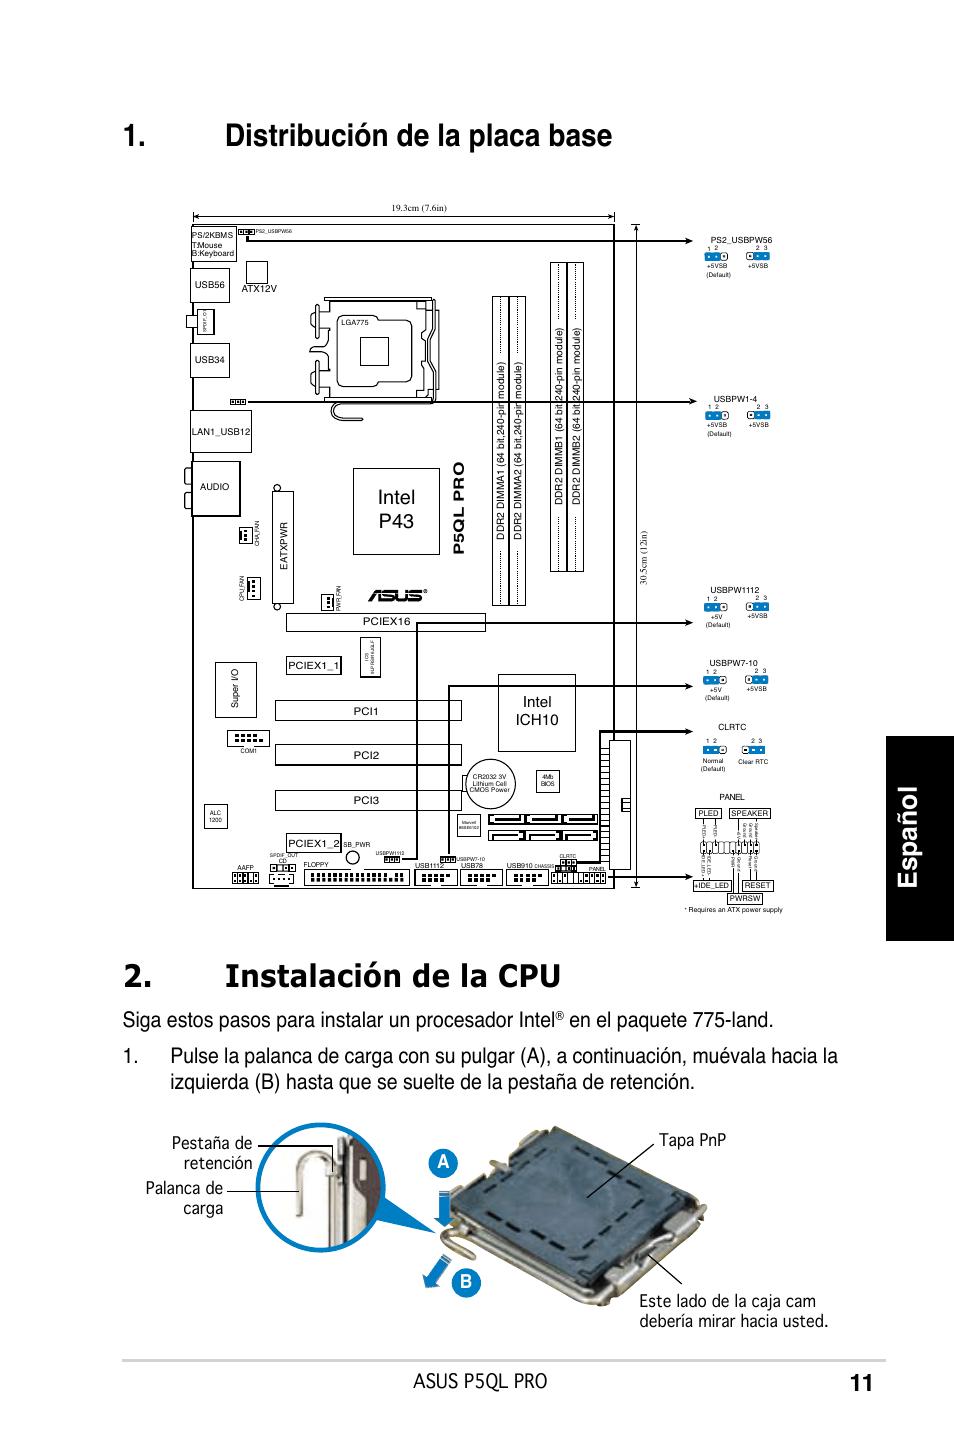 Distribución de la placa base, Instalación de la cpu